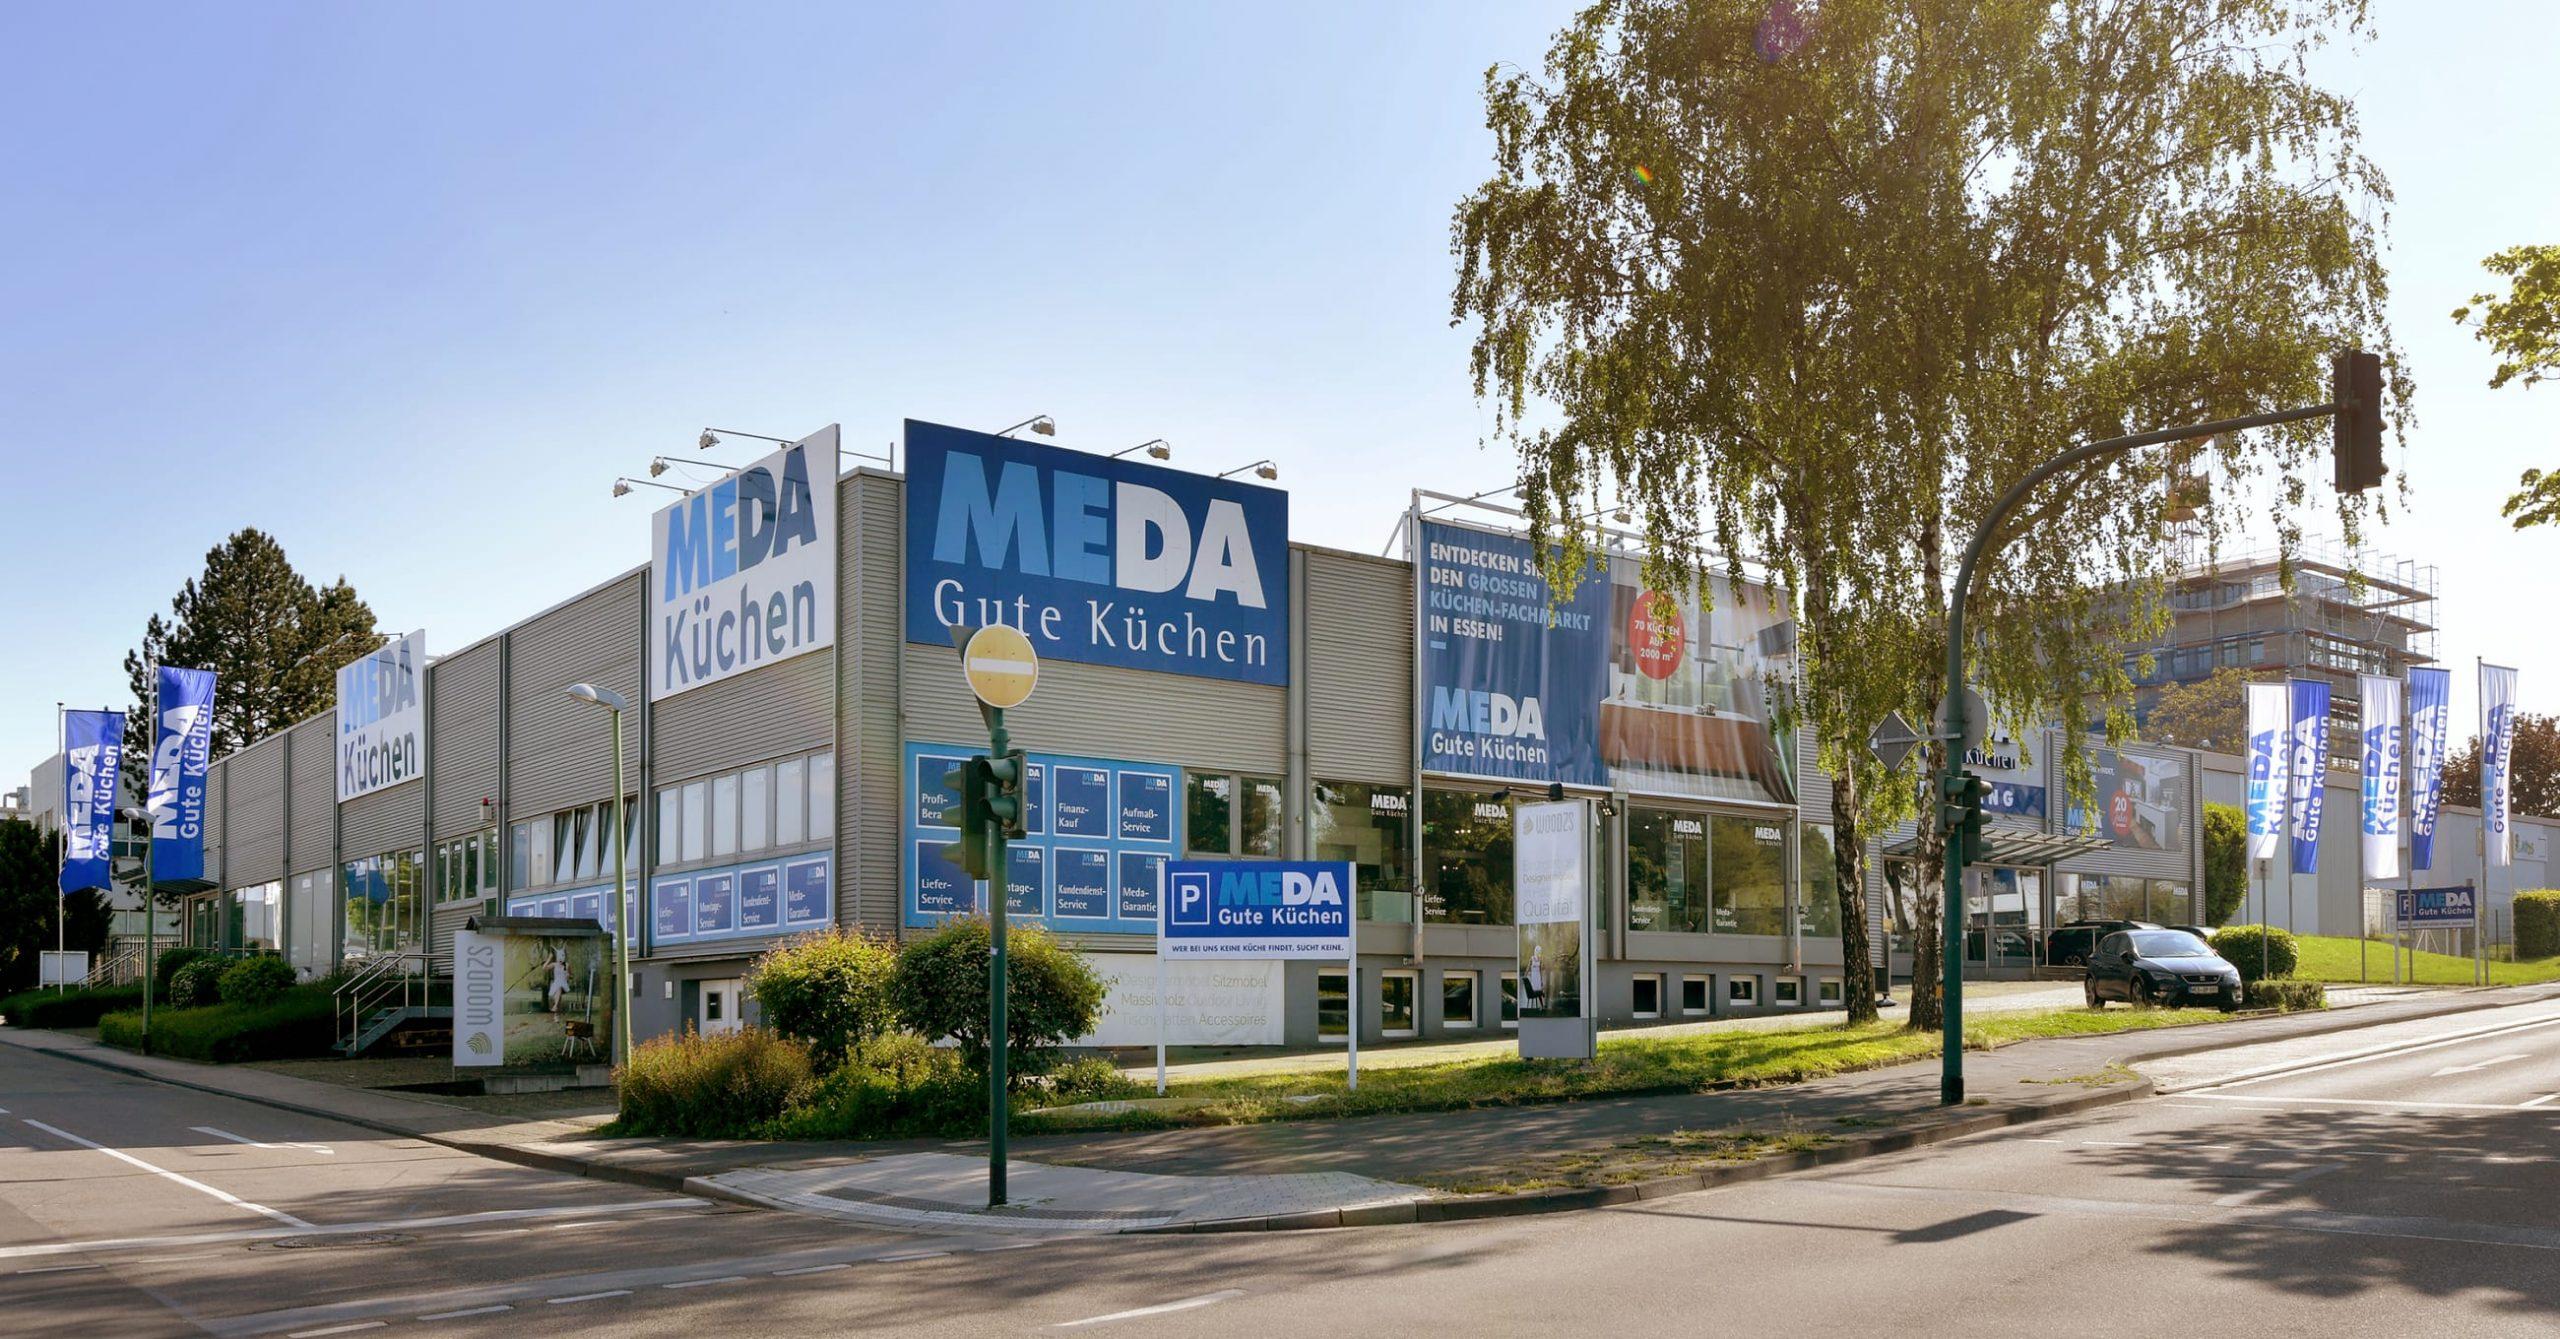 MEDA Filiale in Essen